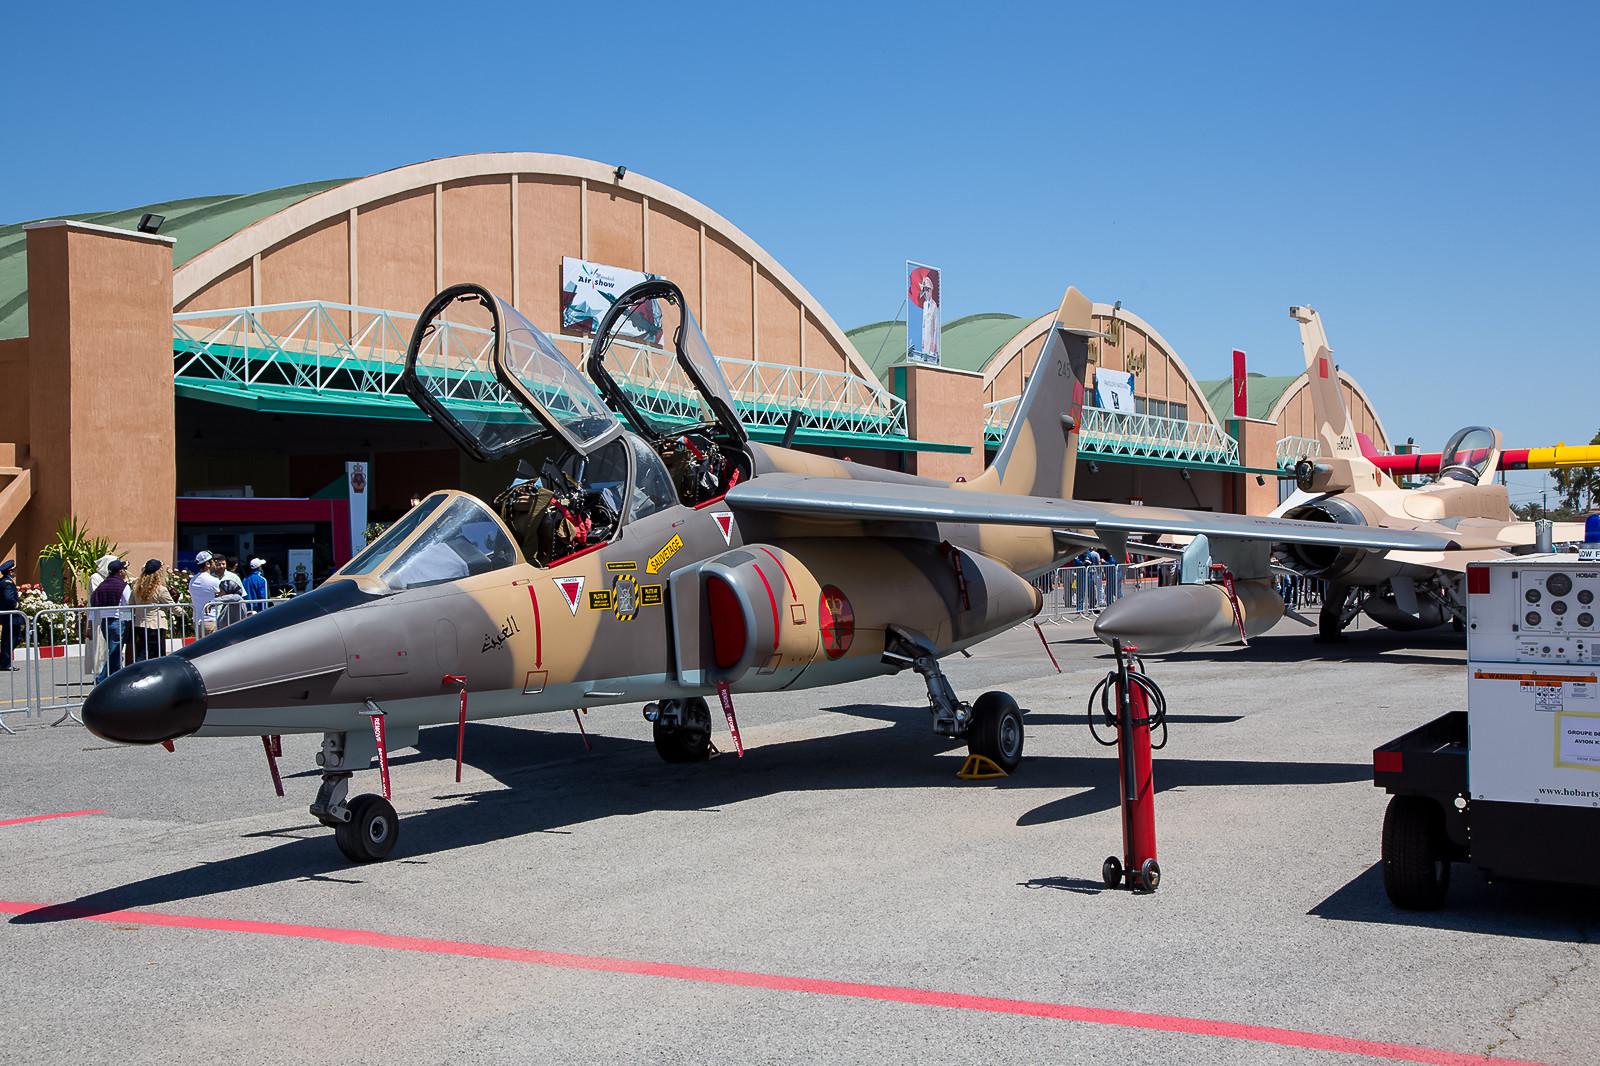 Alpha Jet H wie er in der Kampfpilotenschule in Meknes zum Einsatz kommt.